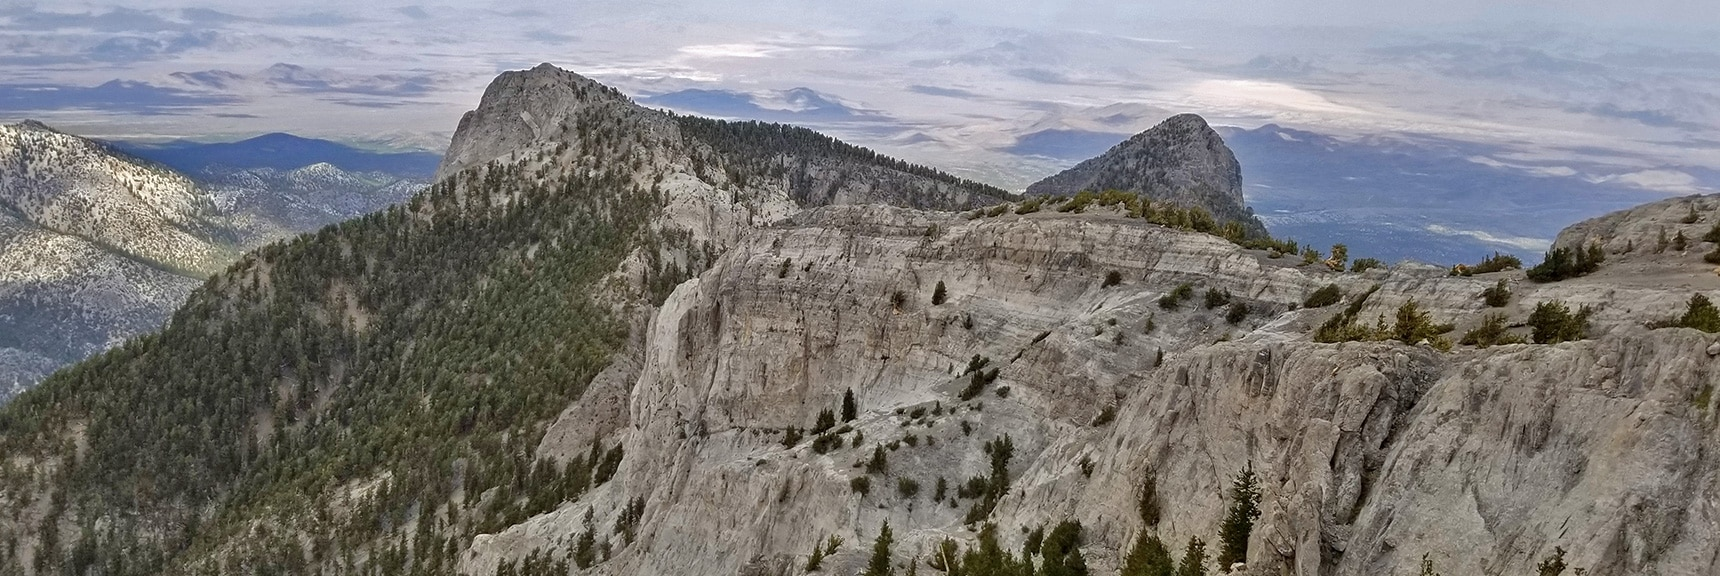 Mummy's Head from the Northwestern Cliffs   Mummy Mountain Northern Rim Overlook, Spring Mountain Wilderness, Nevada